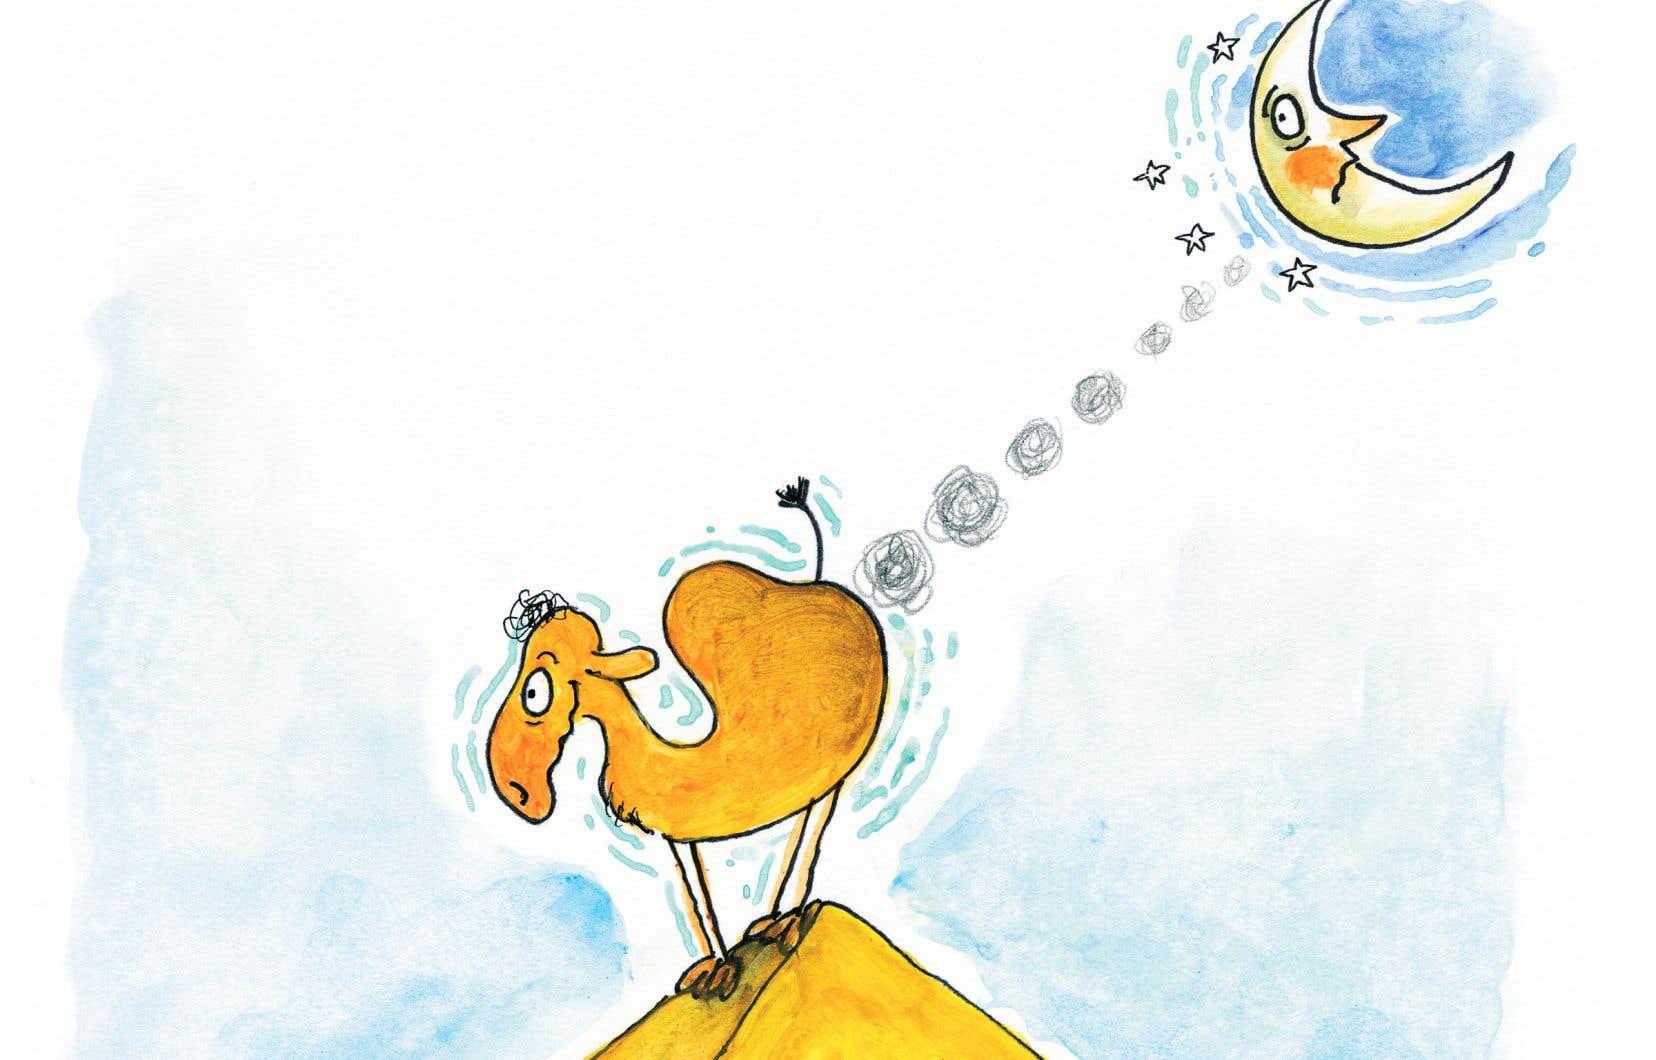 Détail de l'illustration tirée de l'«Abécédaire du pet» de Philippe Béha